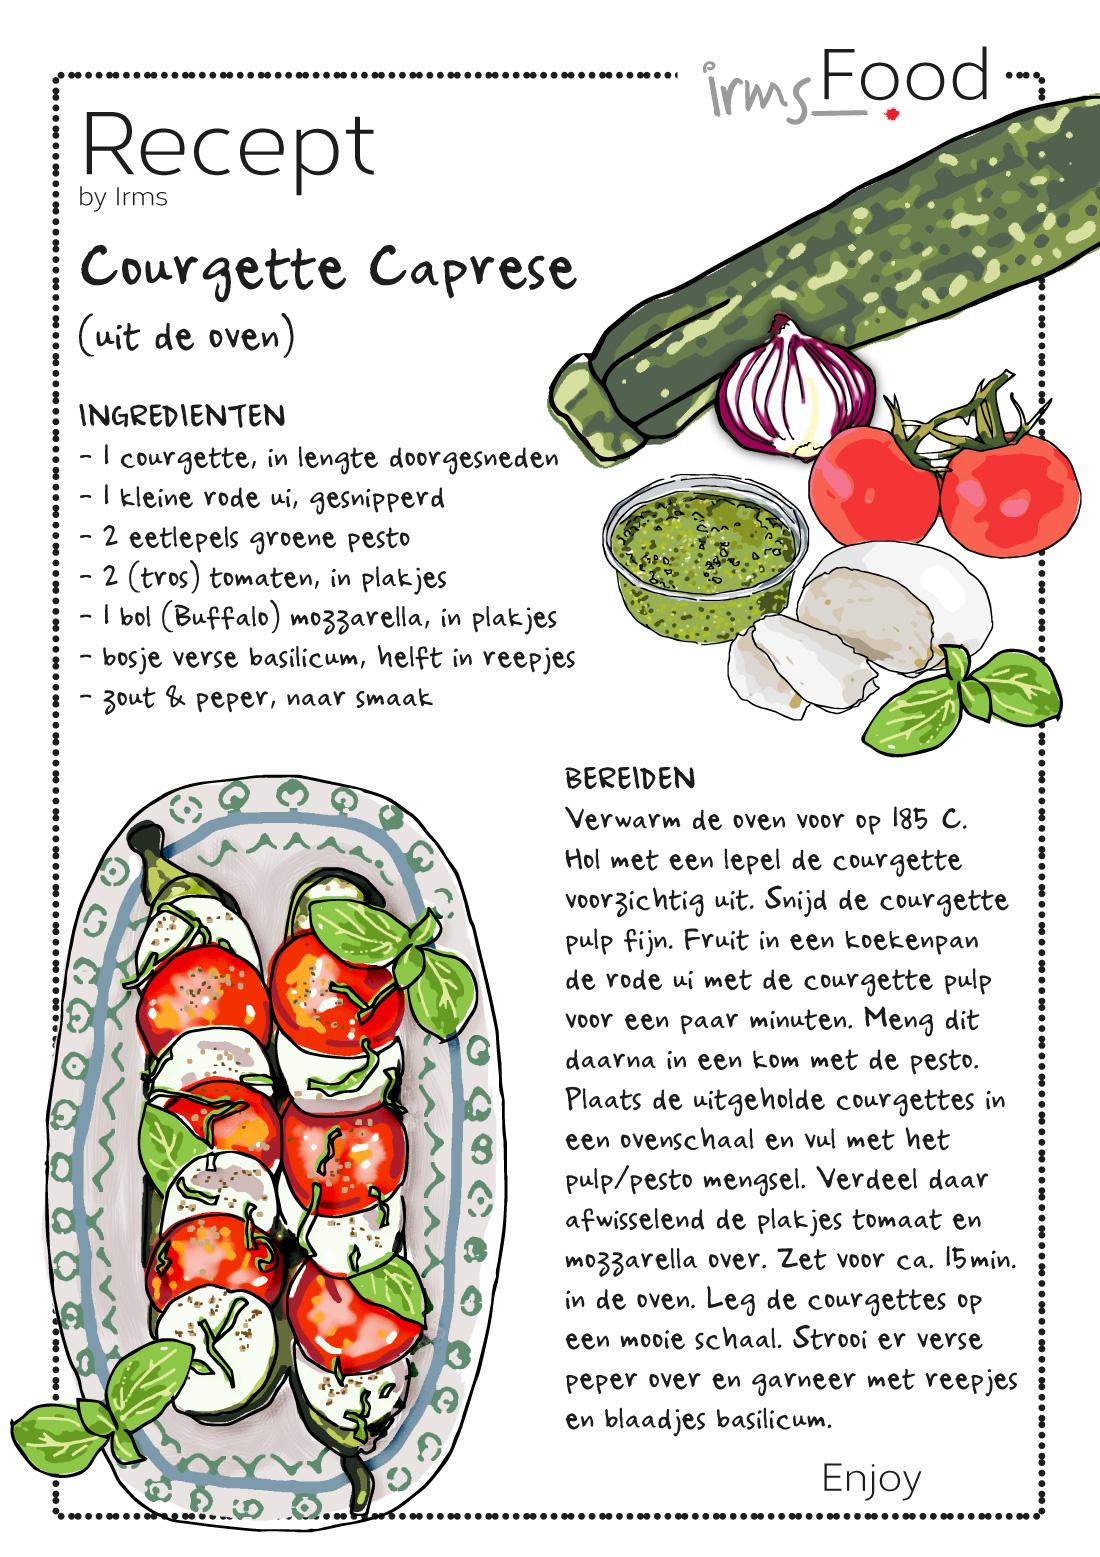 courgette-caprese-geillustreerd-recept